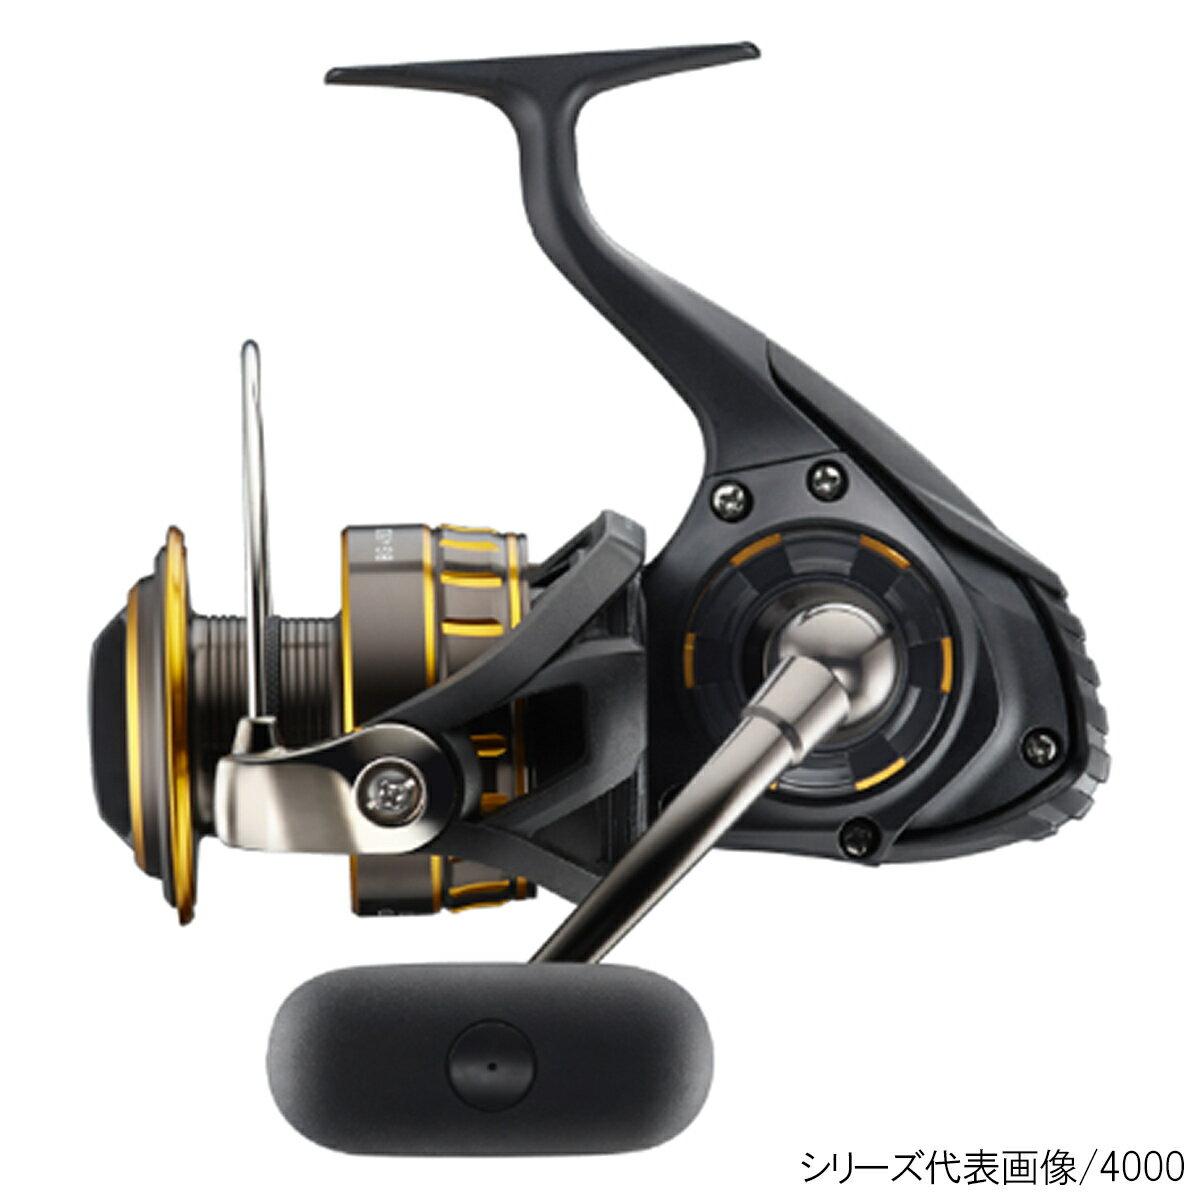 ダイワ BG 4500【送料無料】